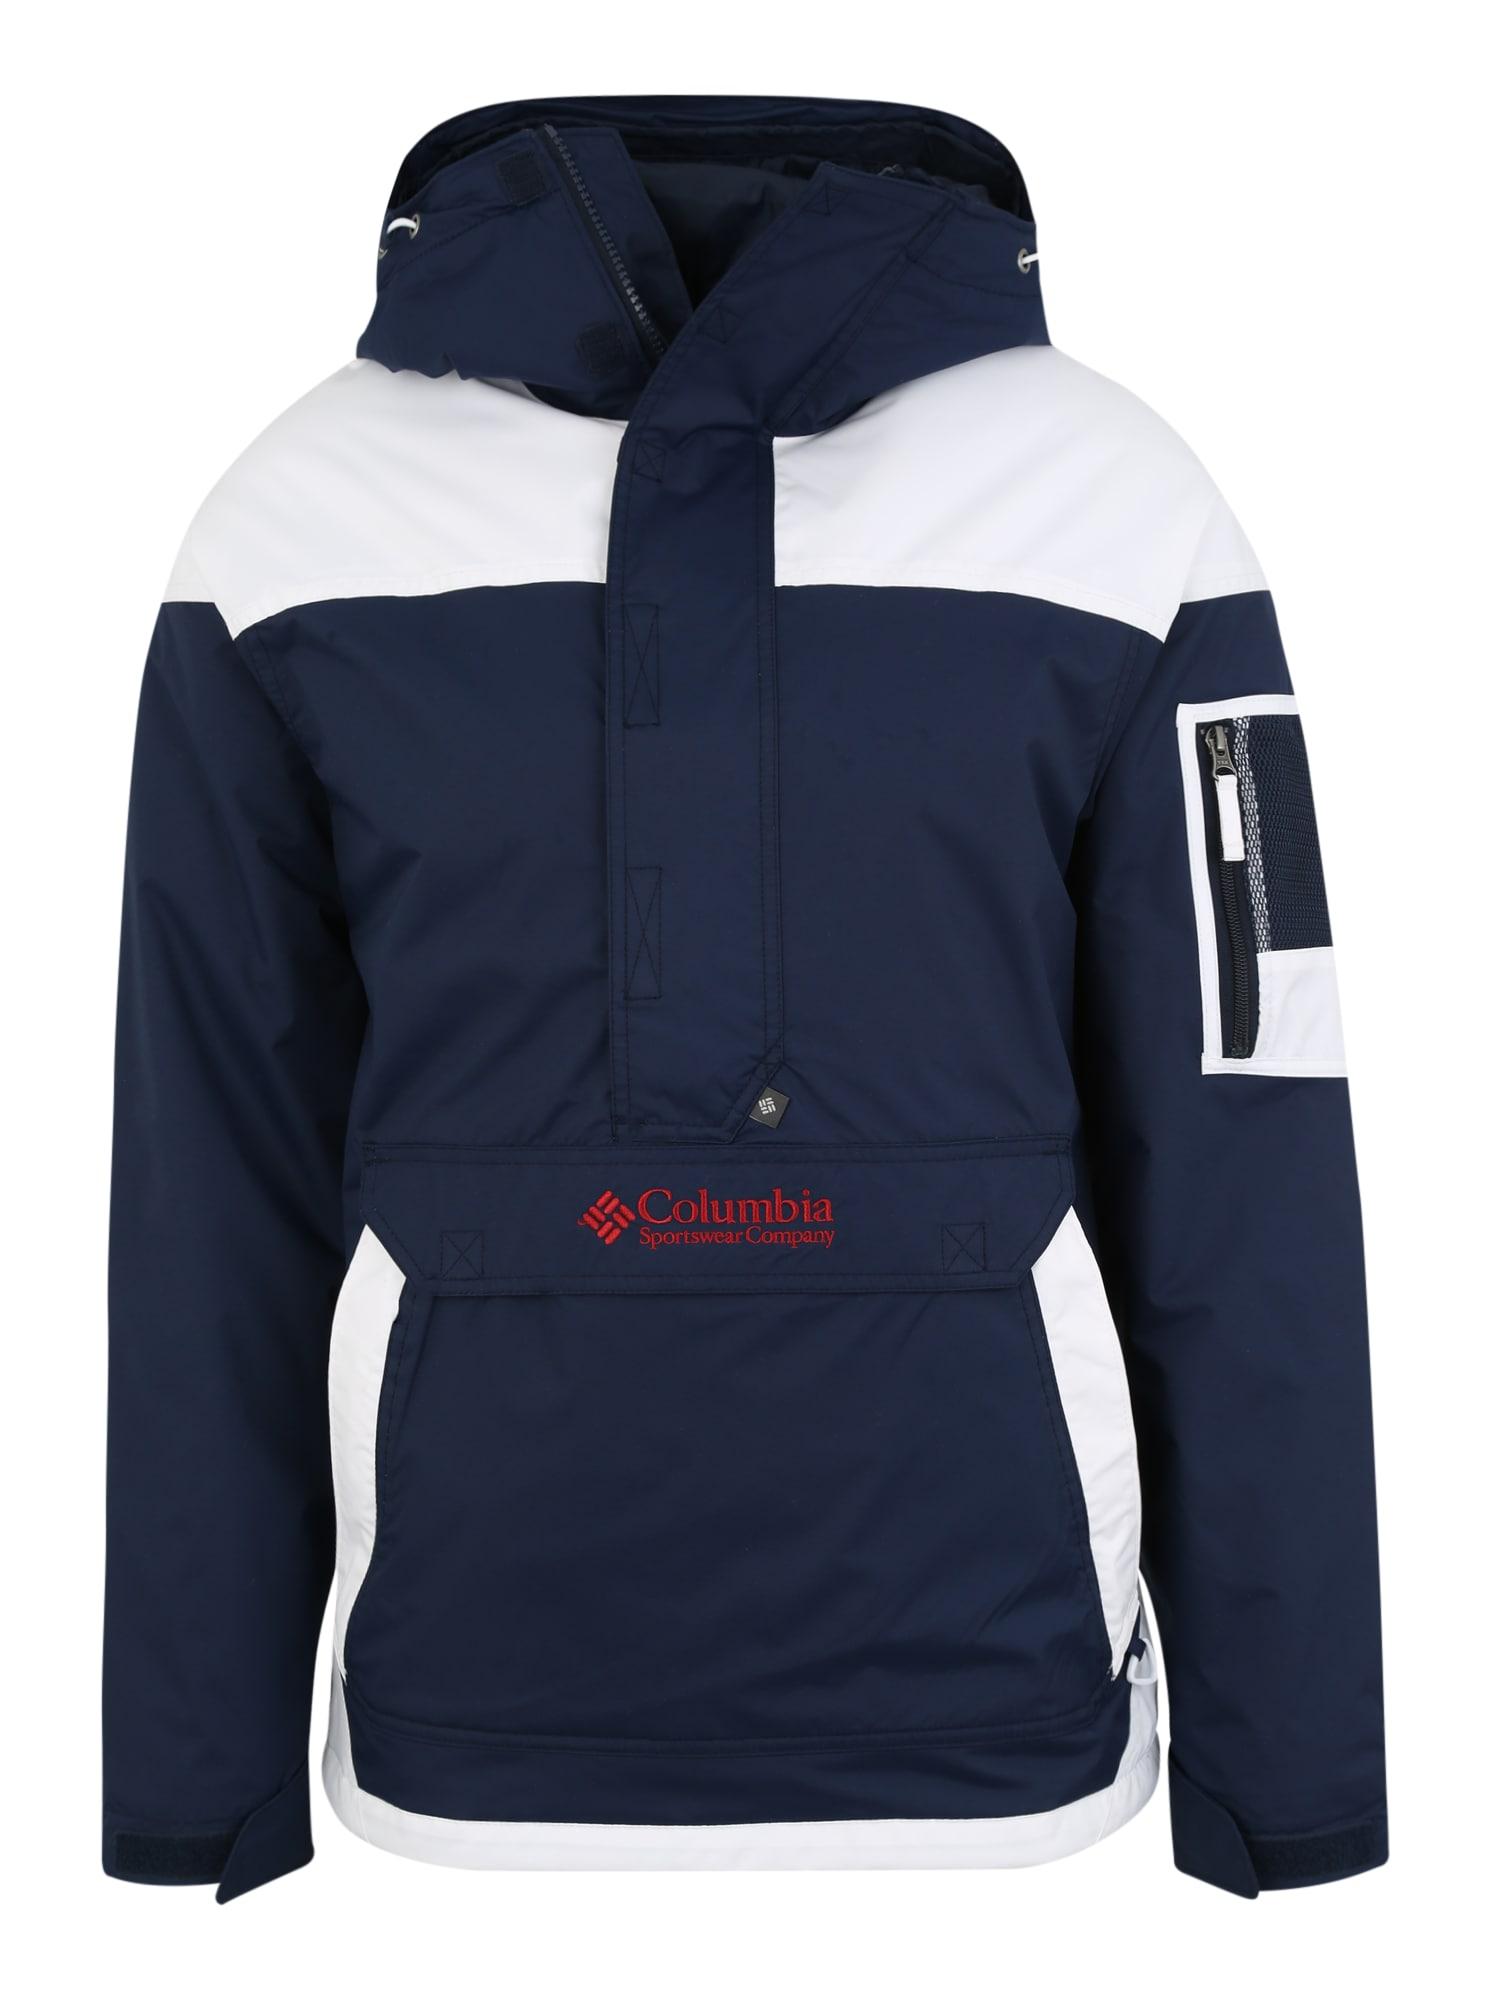 Outdoorová bunda Challenger námořnická modř bílá COLUMBIA